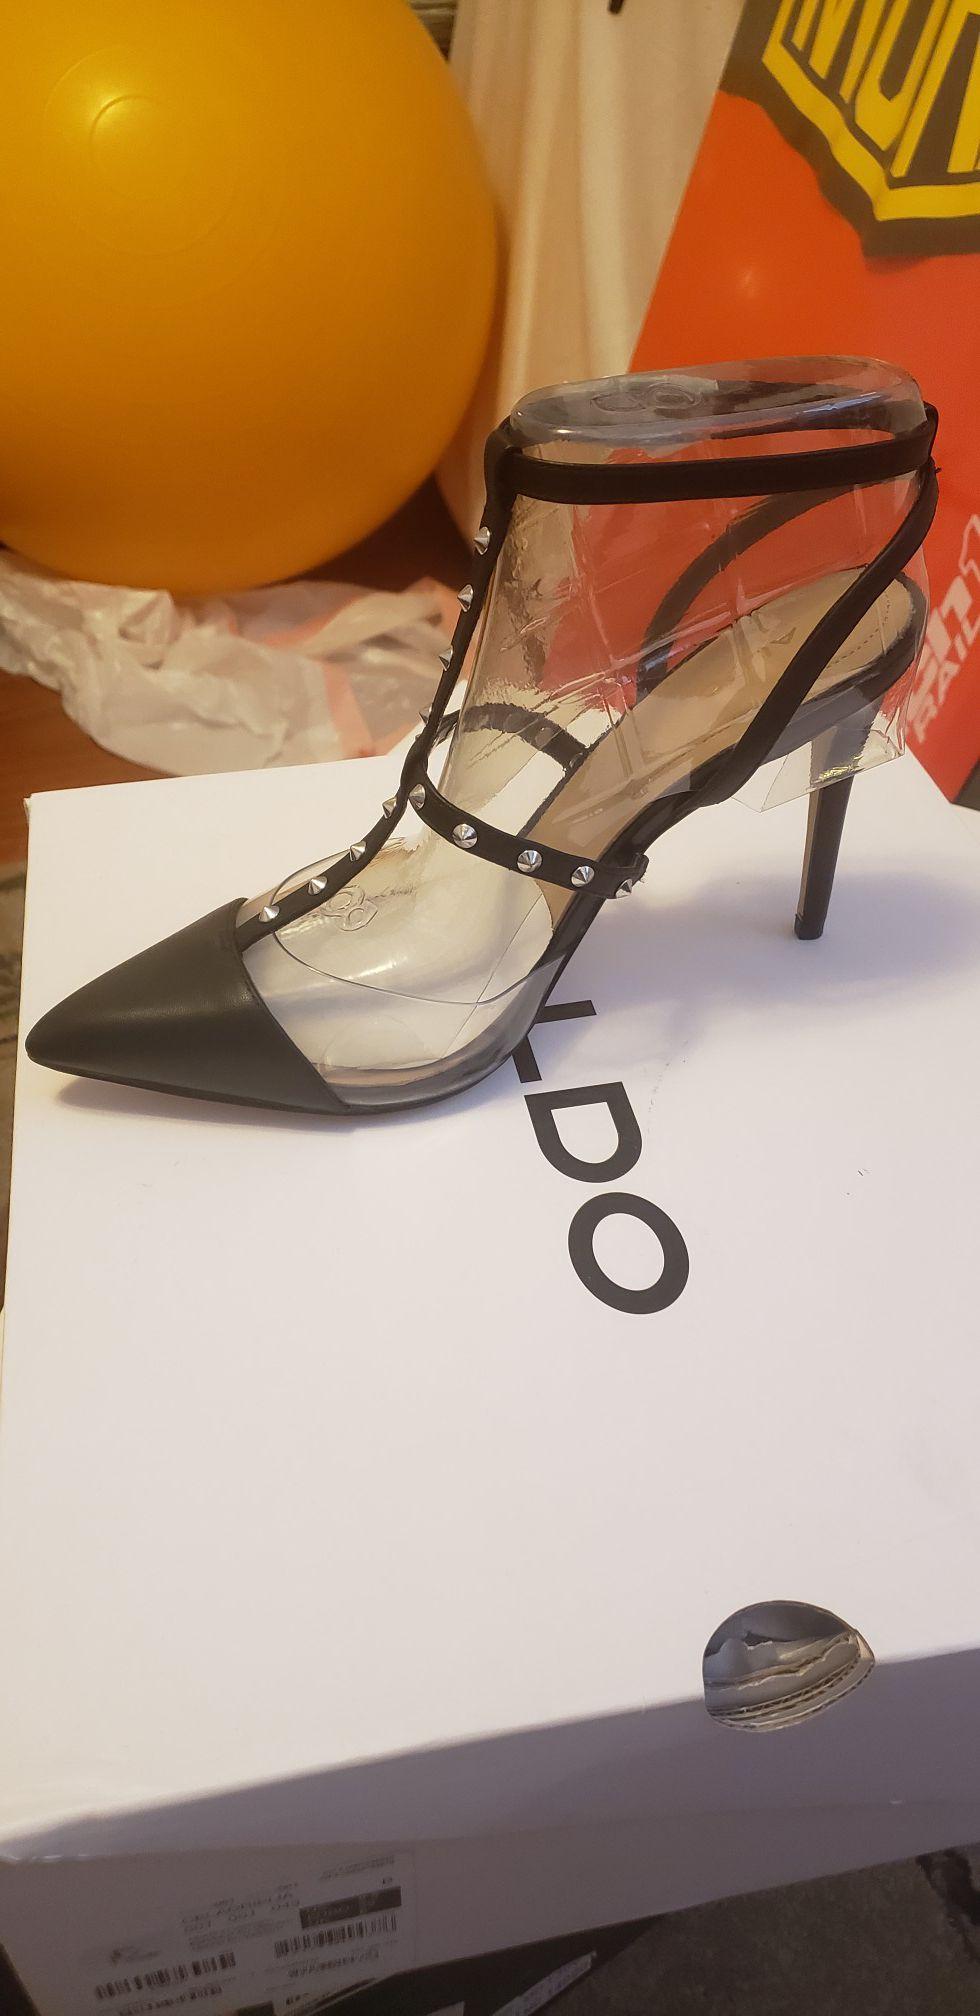 Celadrielia size 8.5 brand new women's shoes